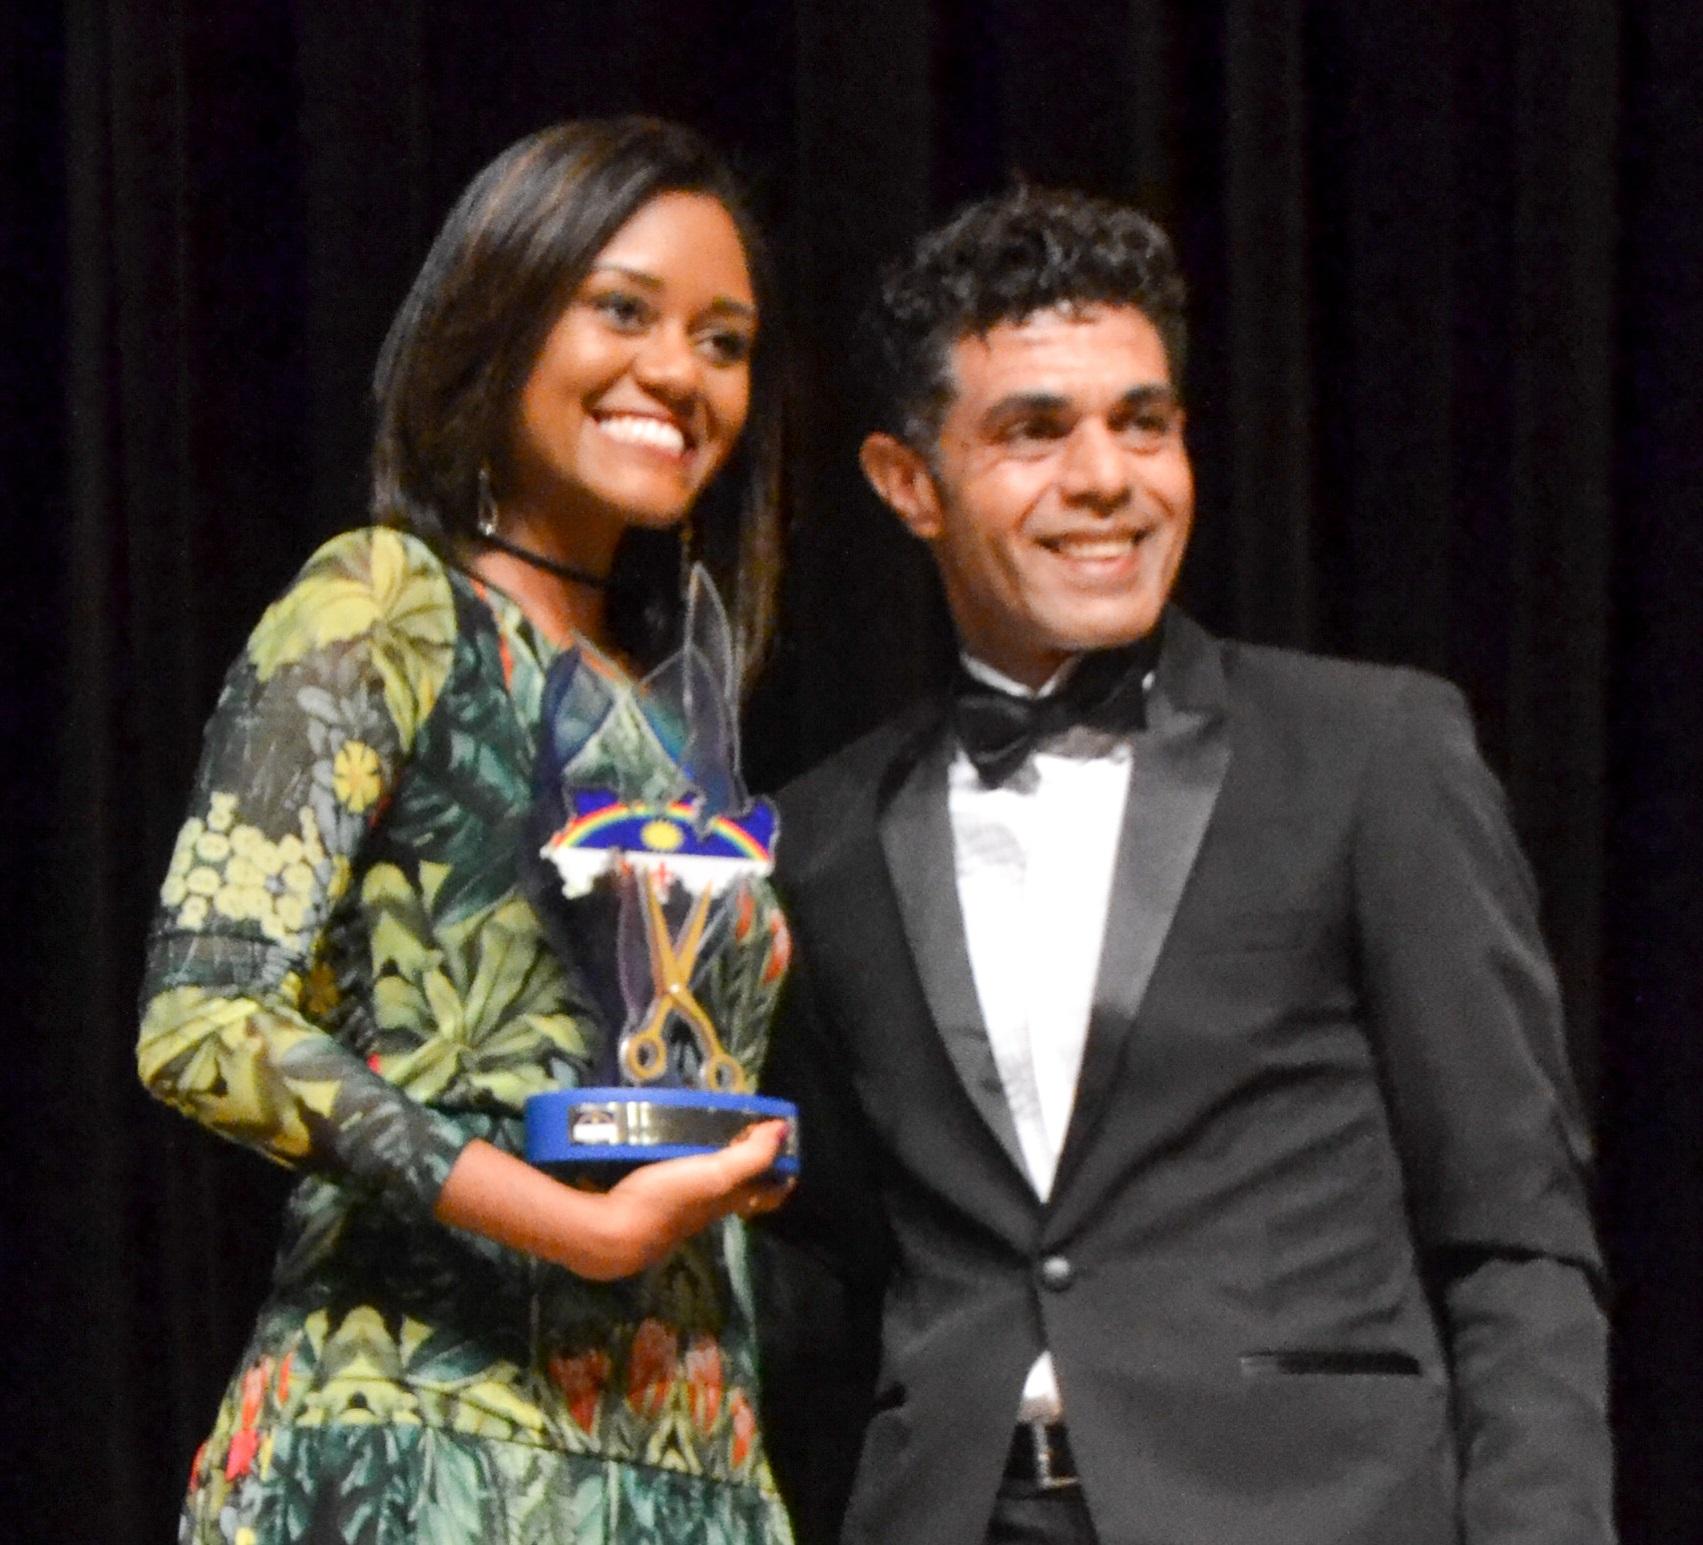 Profissionais da beleza recebem homenagem em Recife